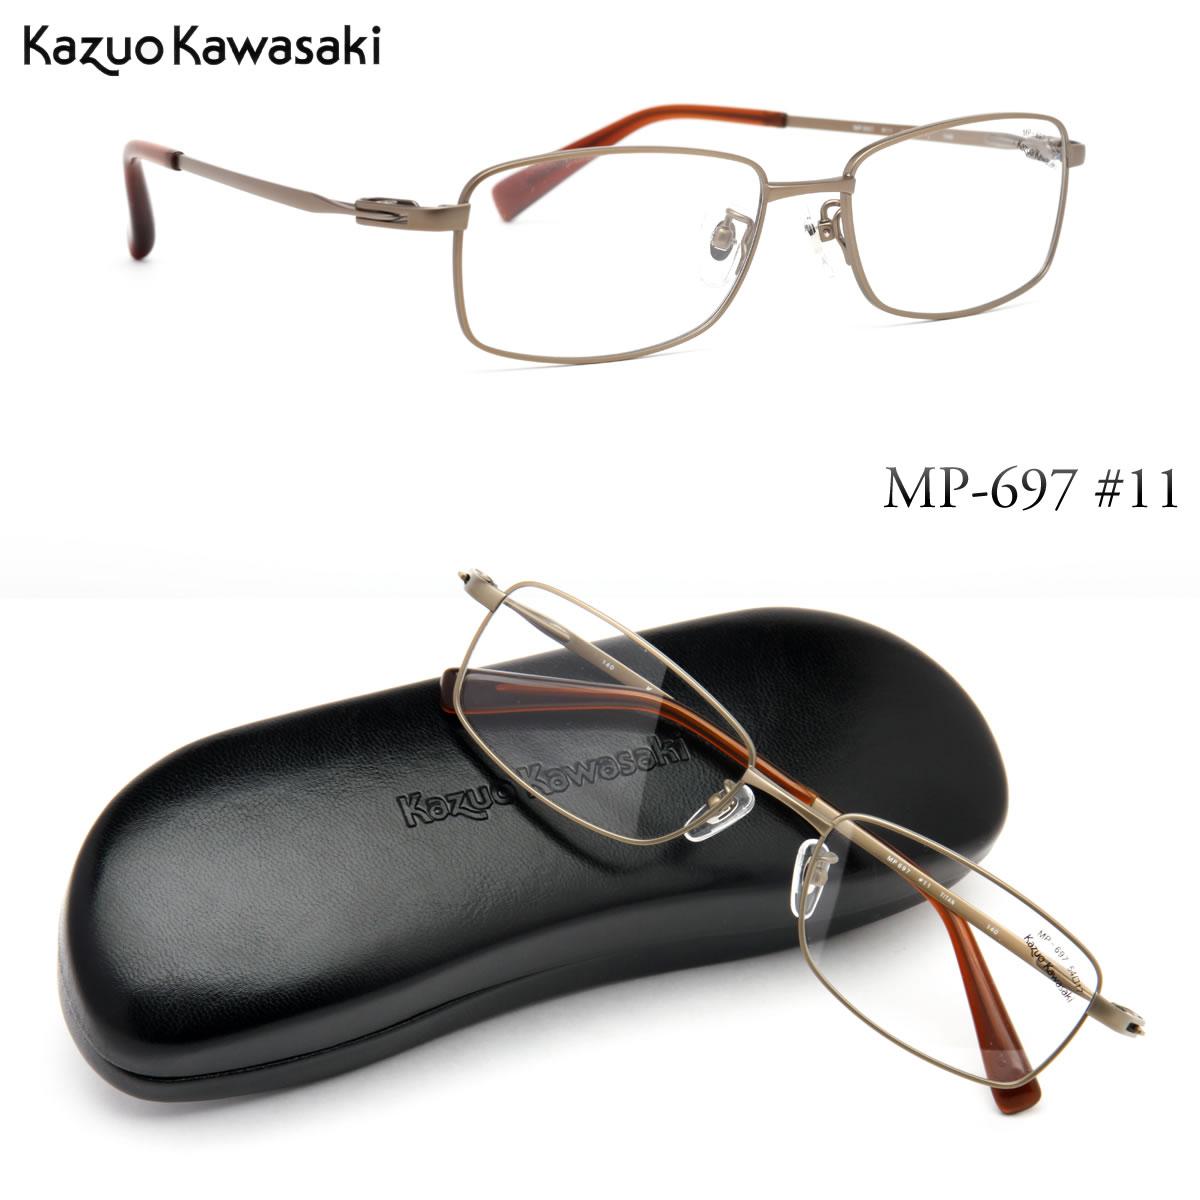 ほぼ全品ポイント15倍~20倍+15倍+2倍 【KAZUO KAWASAKI メガネ】カワサキカズオ メガネフレーム MP697 11 54サイズ